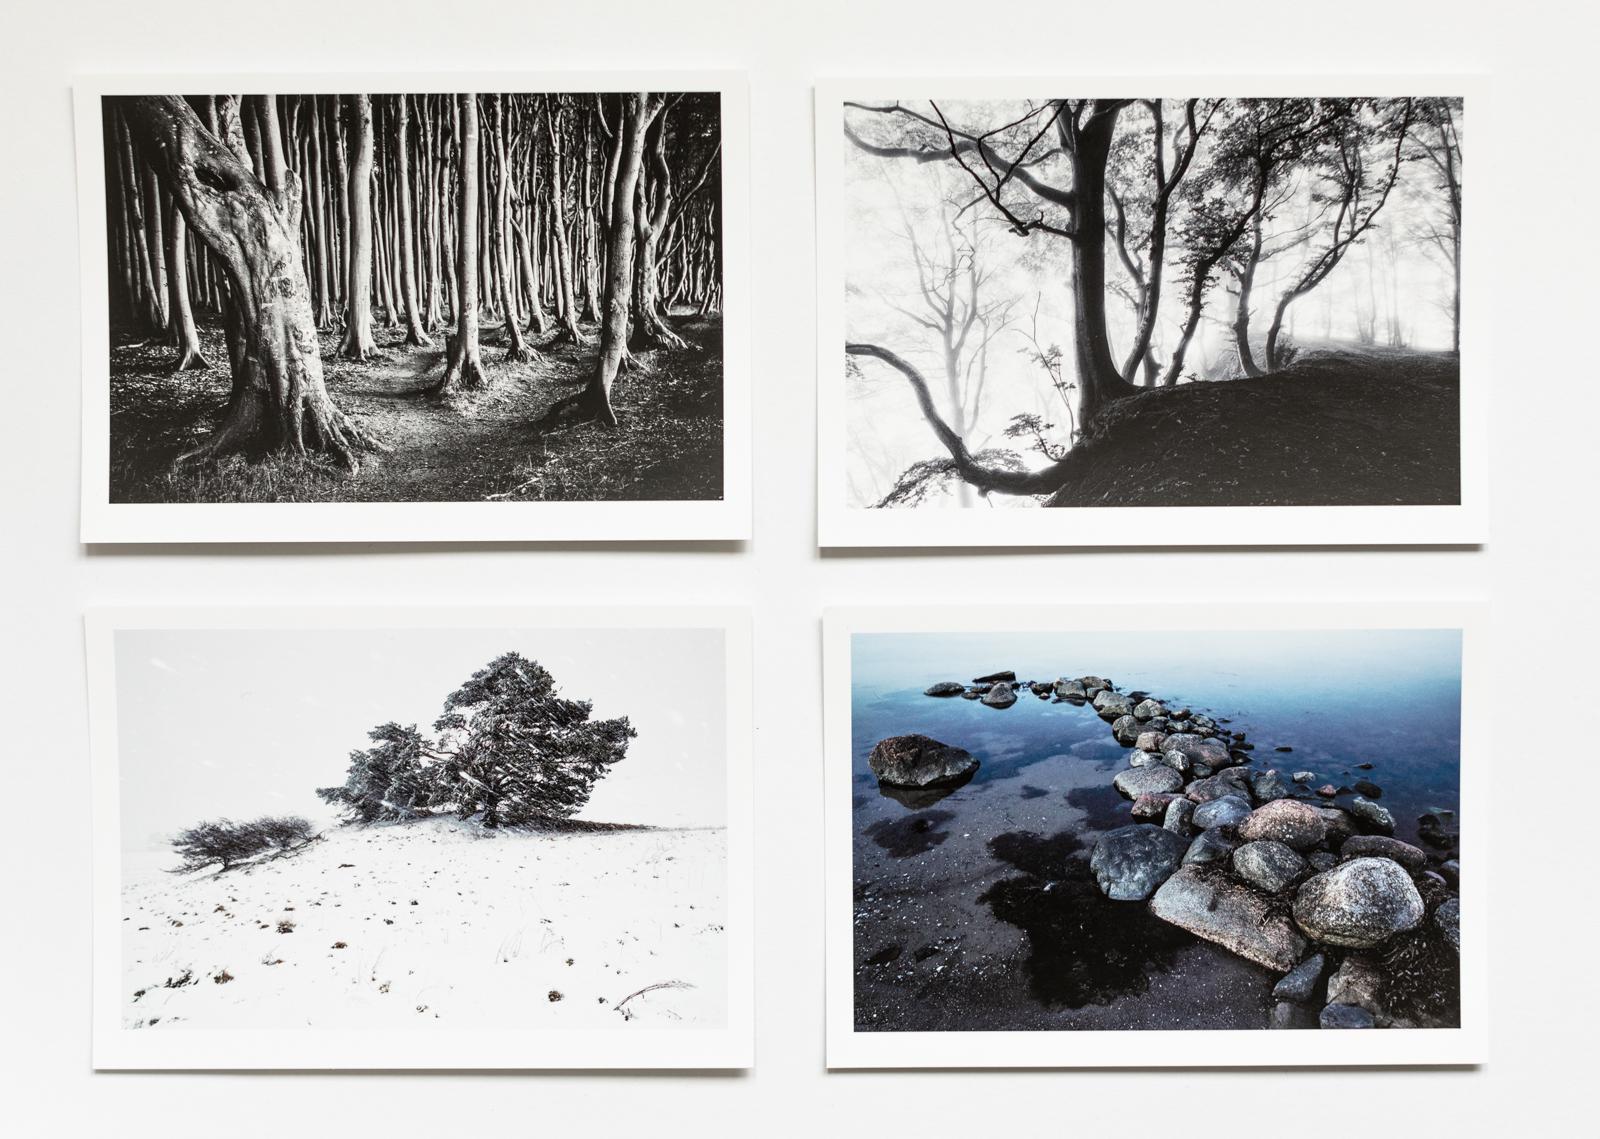 MÄRCHENZEIT AUF RÜGEN / Set of postcards